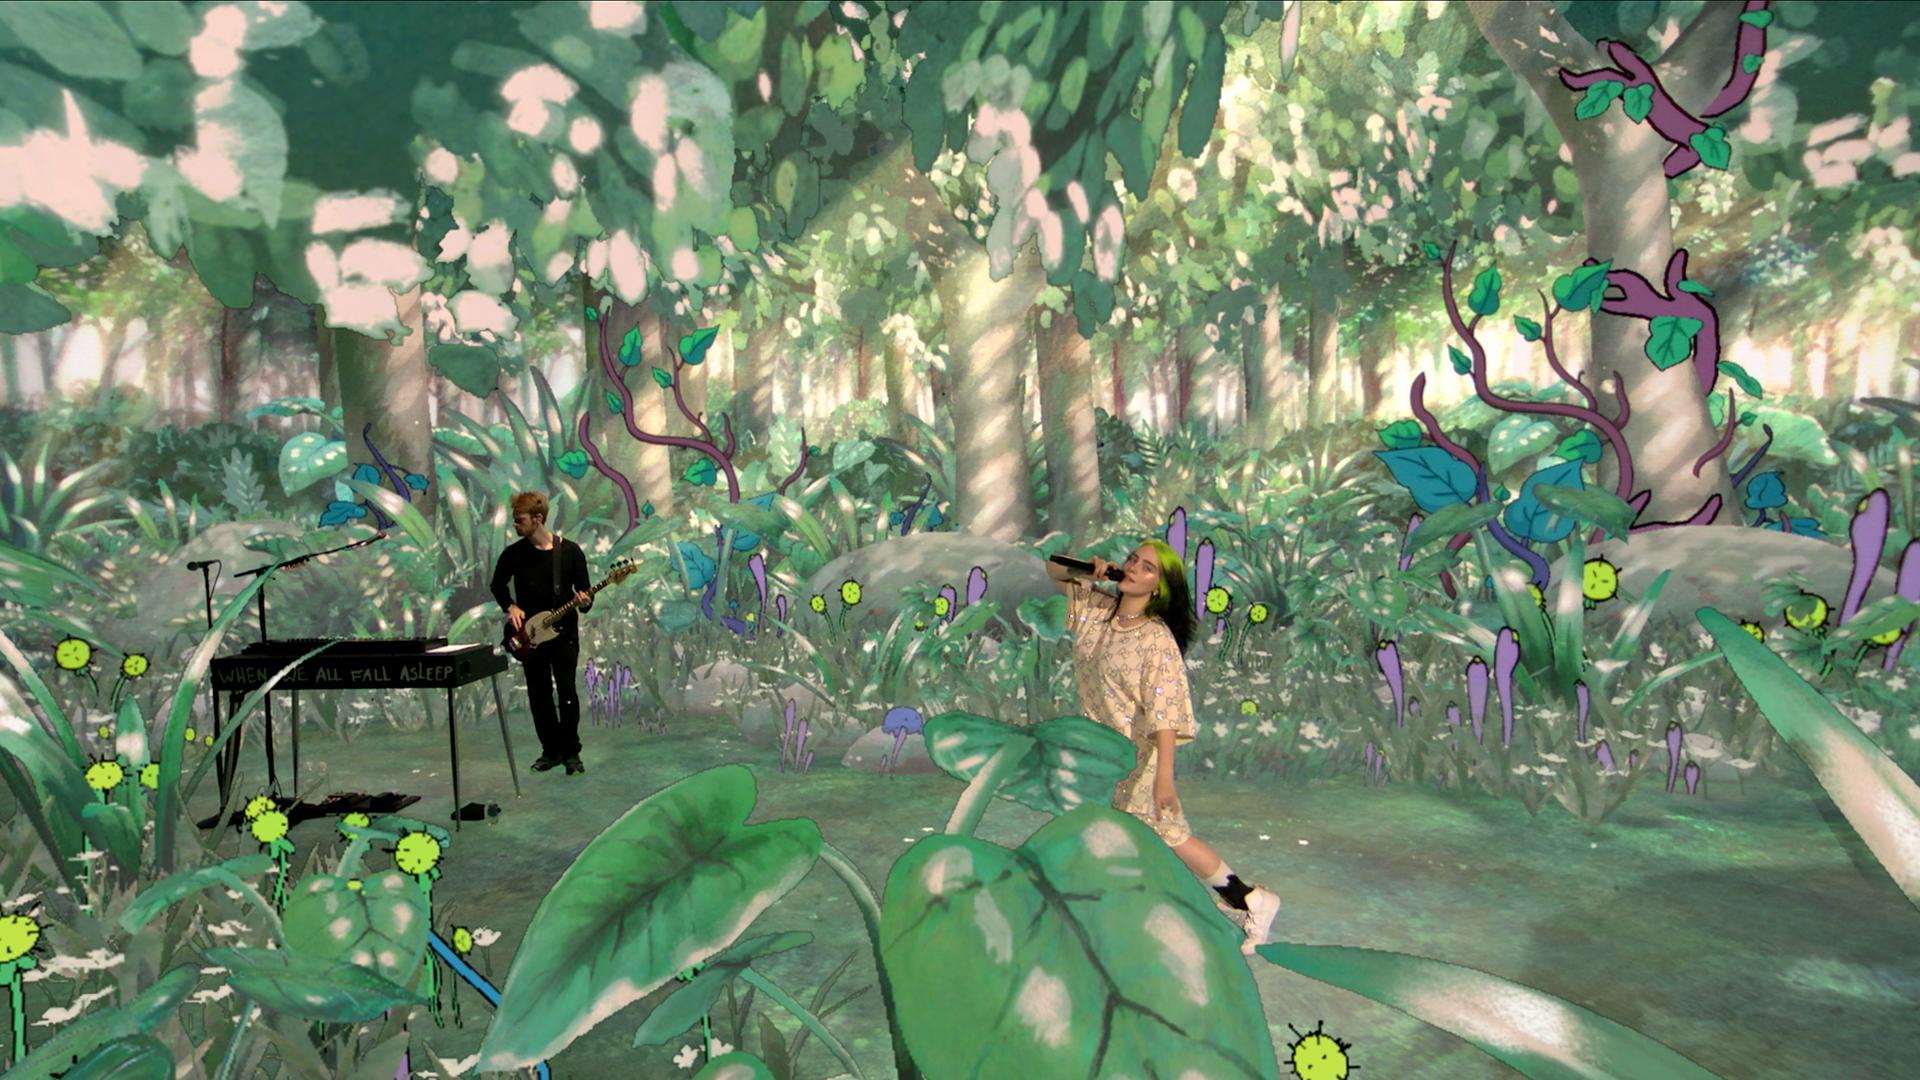 Billie Eilish's WHERE DO WE GO? virtual concert